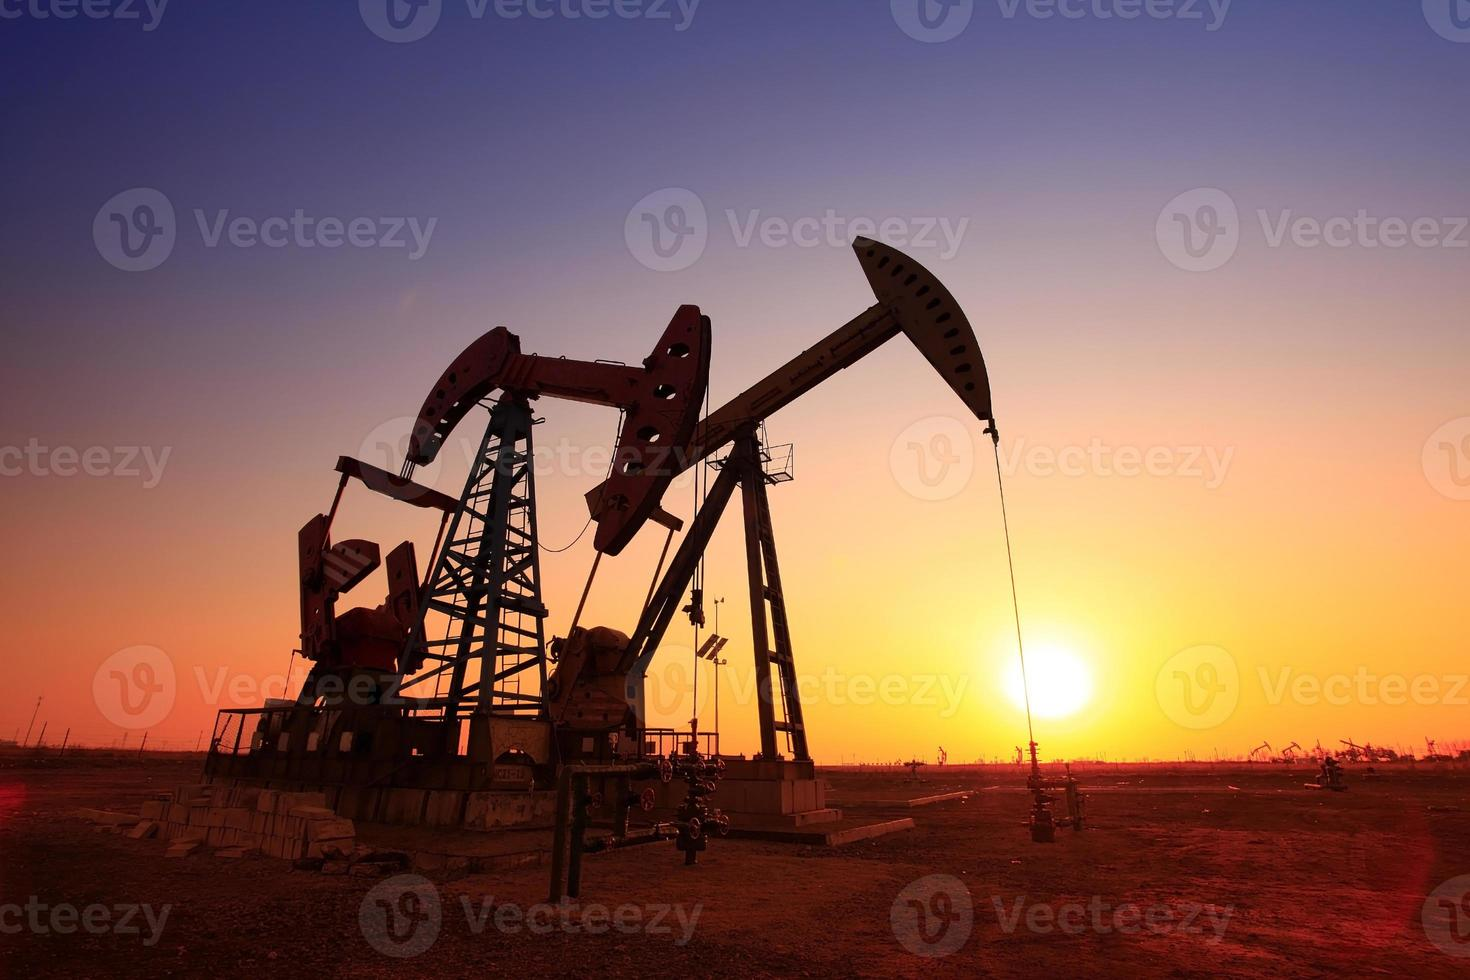 The oil pump photo